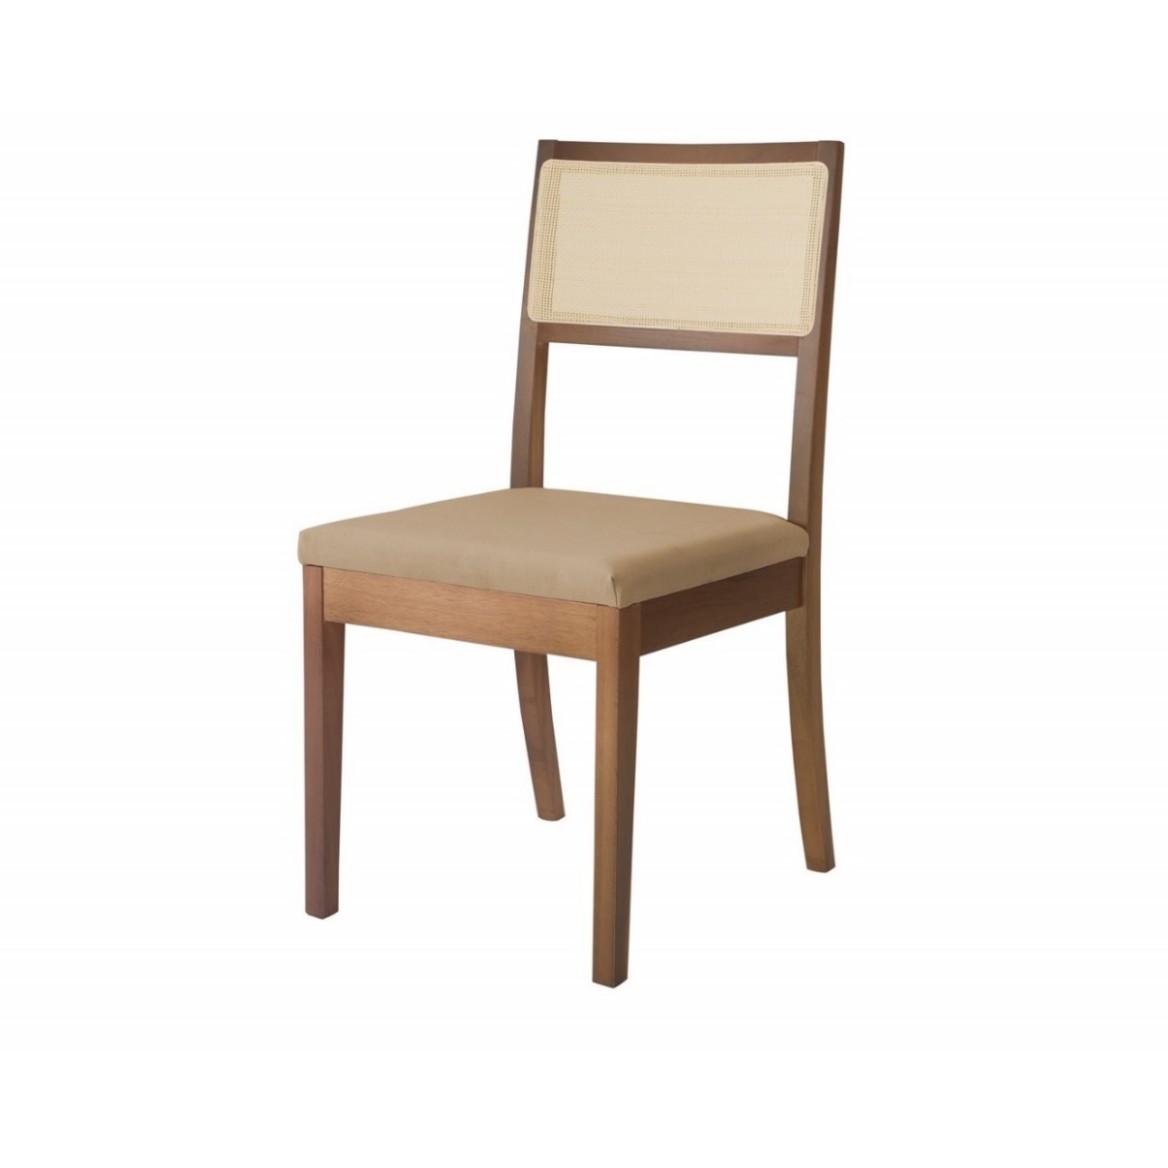 Cadeira Estofada de Mesa Linho Bege 1831 - Herval